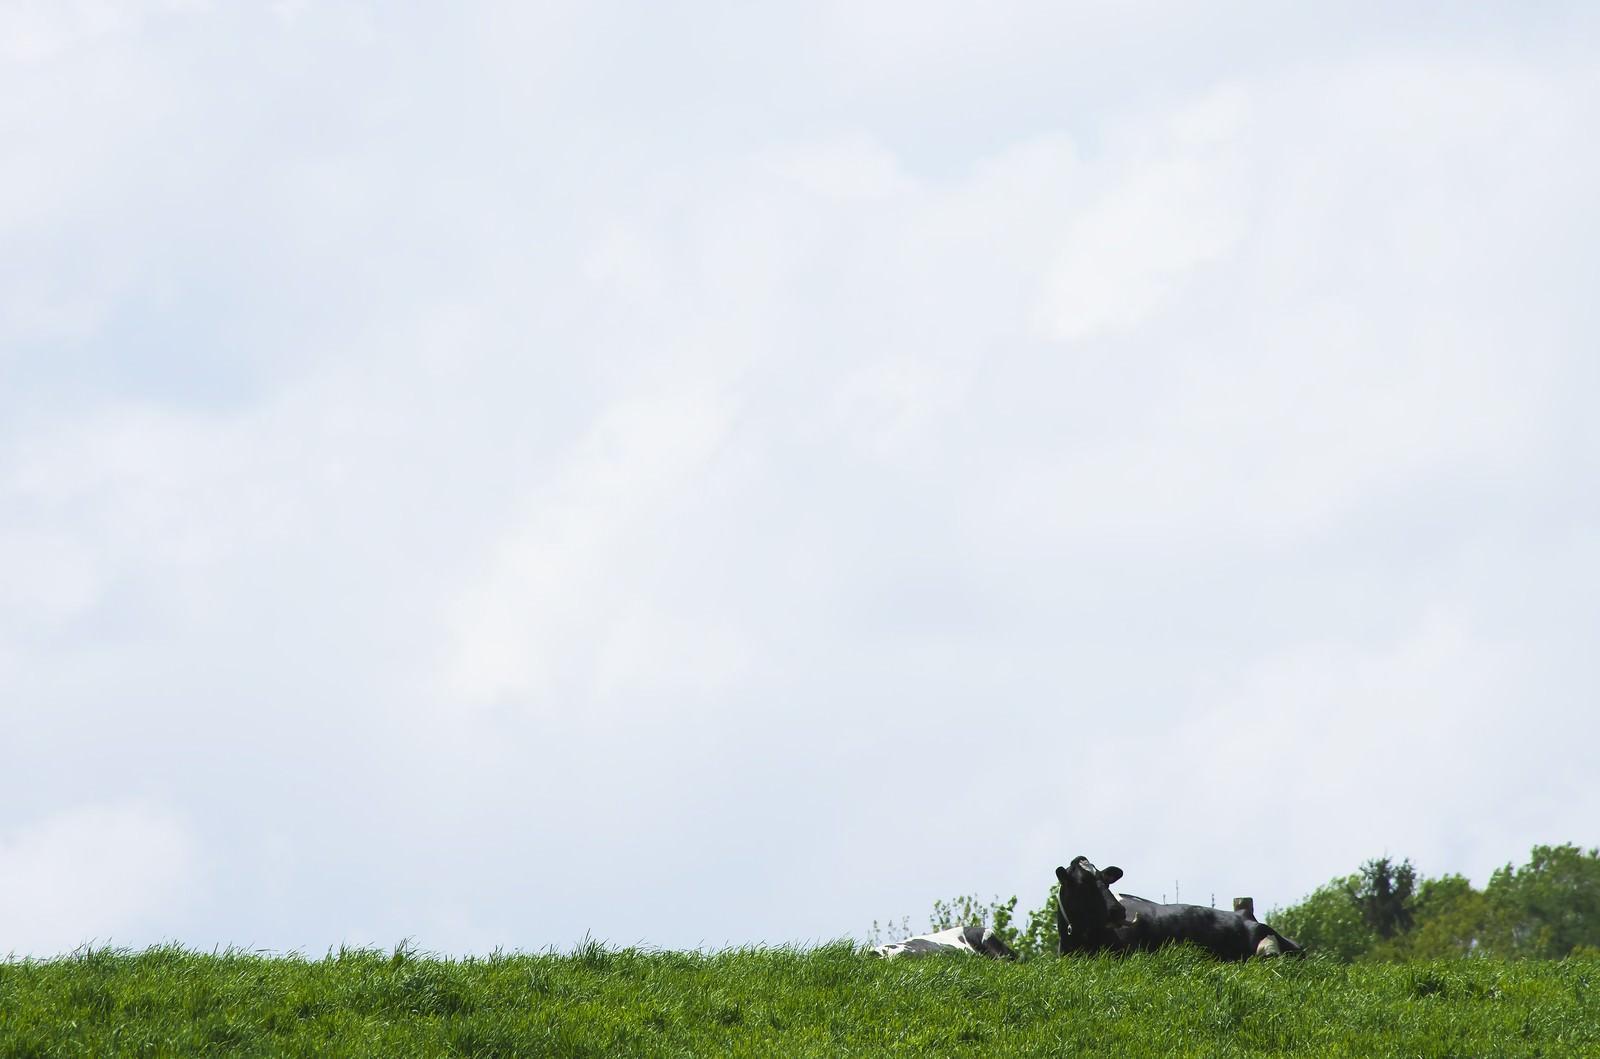 「放牧された牛放牧された牛」のフリー写真素材を拡大